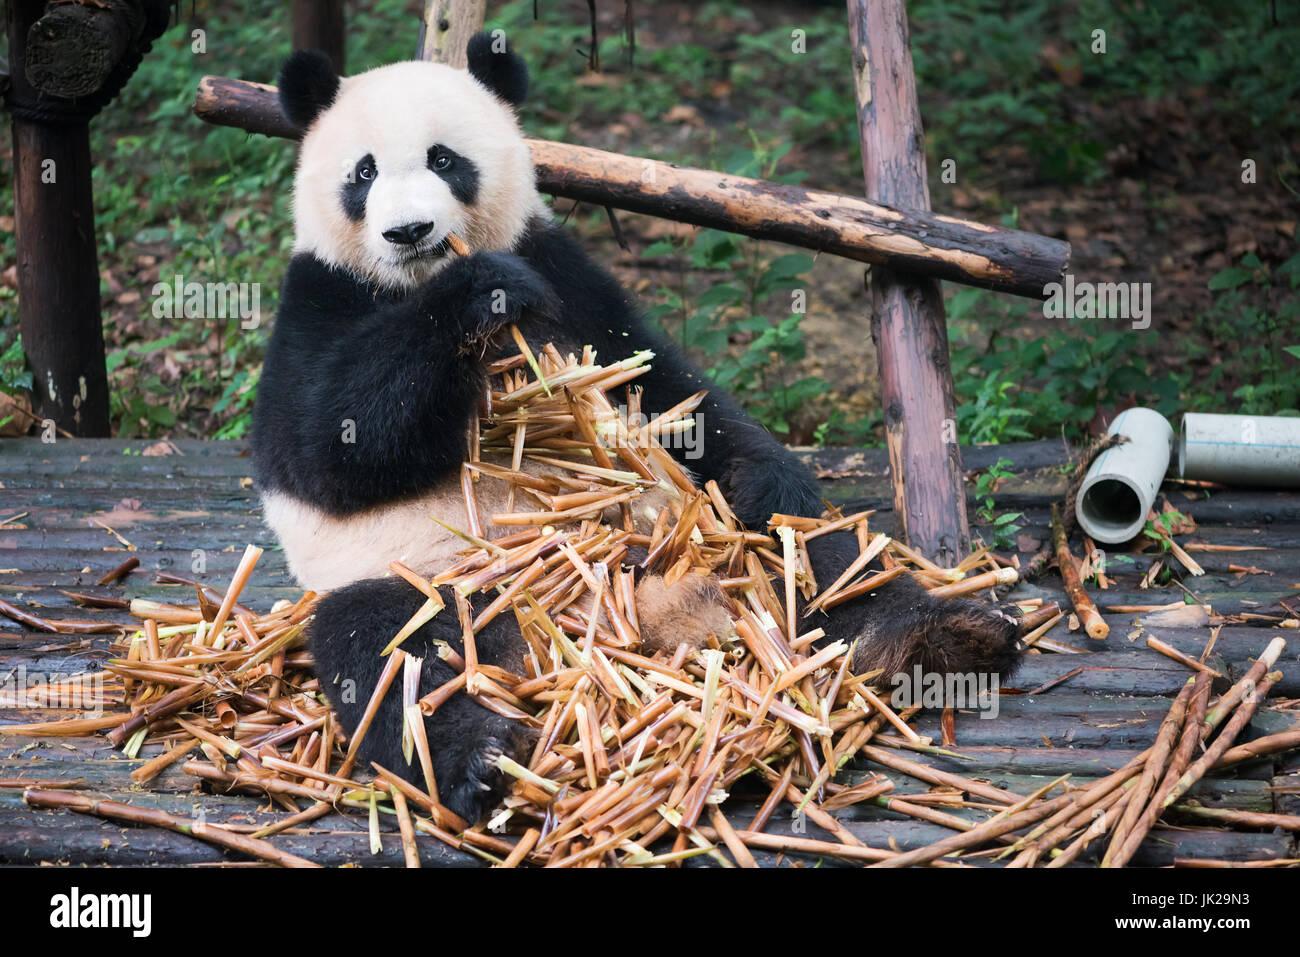 Panda gigante sentado en madera y eatin un montón de bambú, Chengdu, provincia de Sichuan, China Imagen De Stock